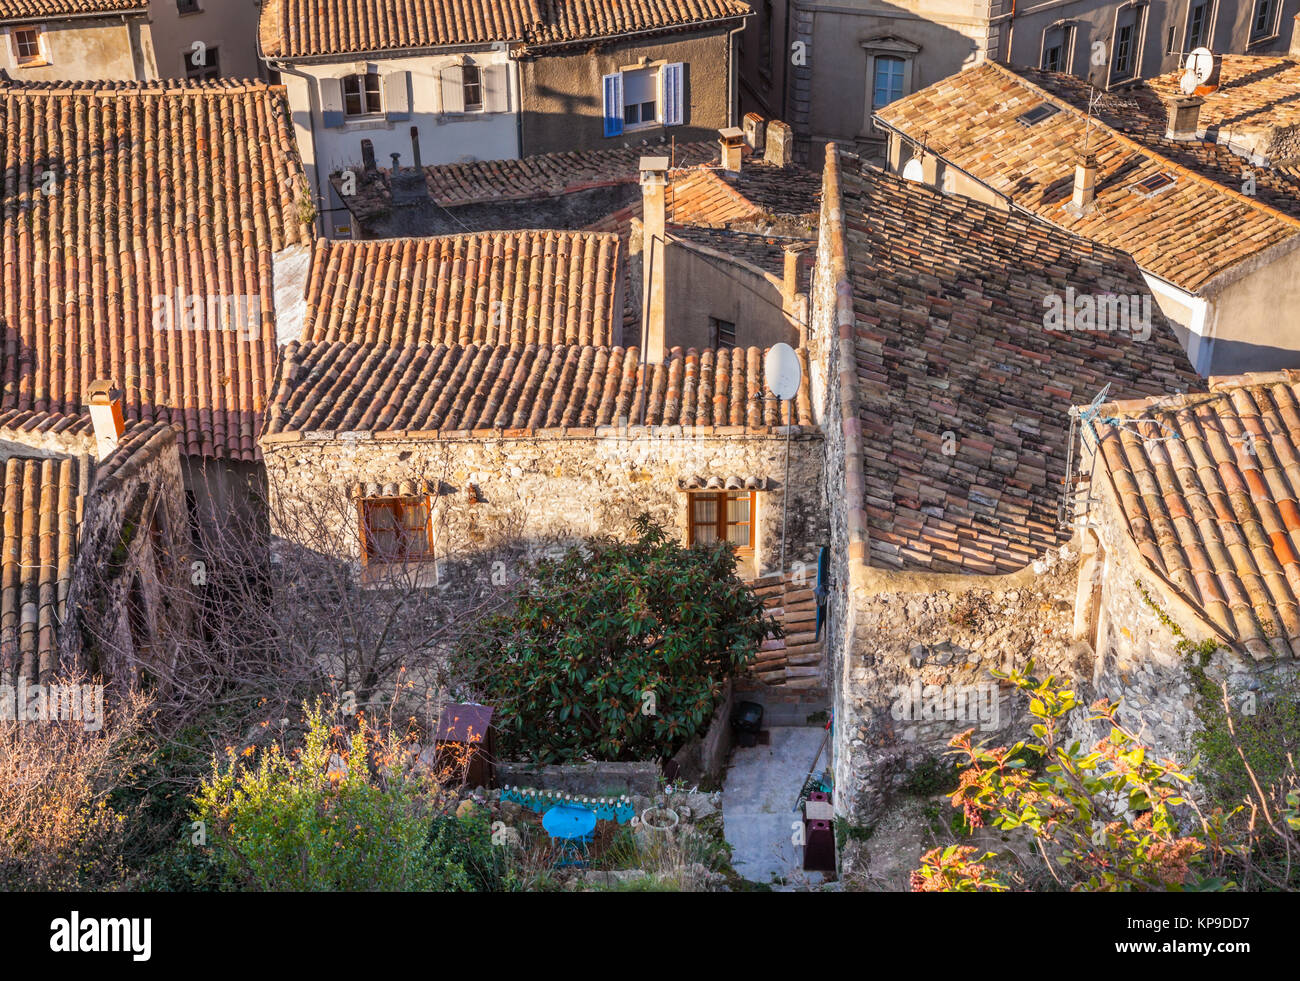 über die Dächer von Viviers ardeche Frankreich - Stock Image